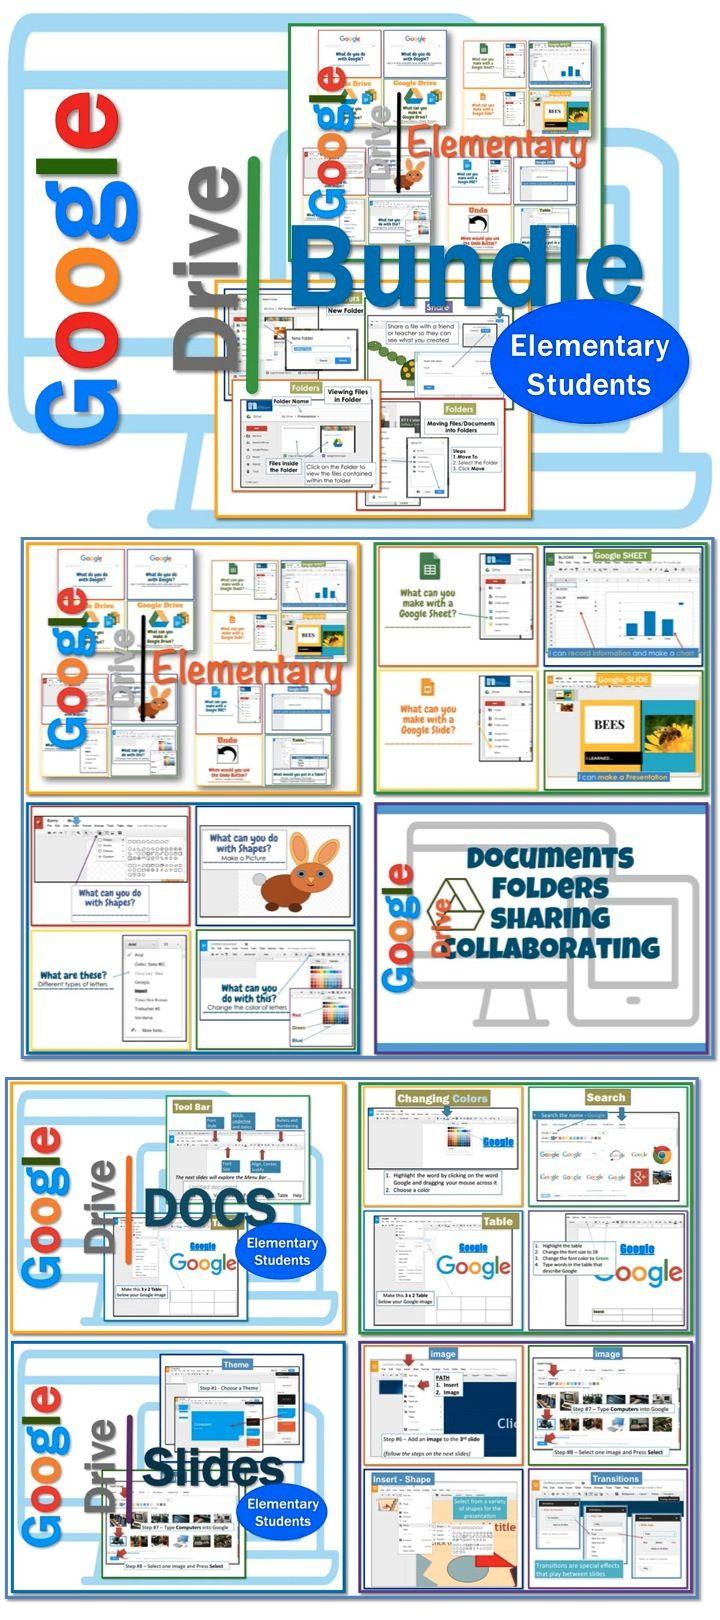 Elementary Computer Technology - a-k-b info